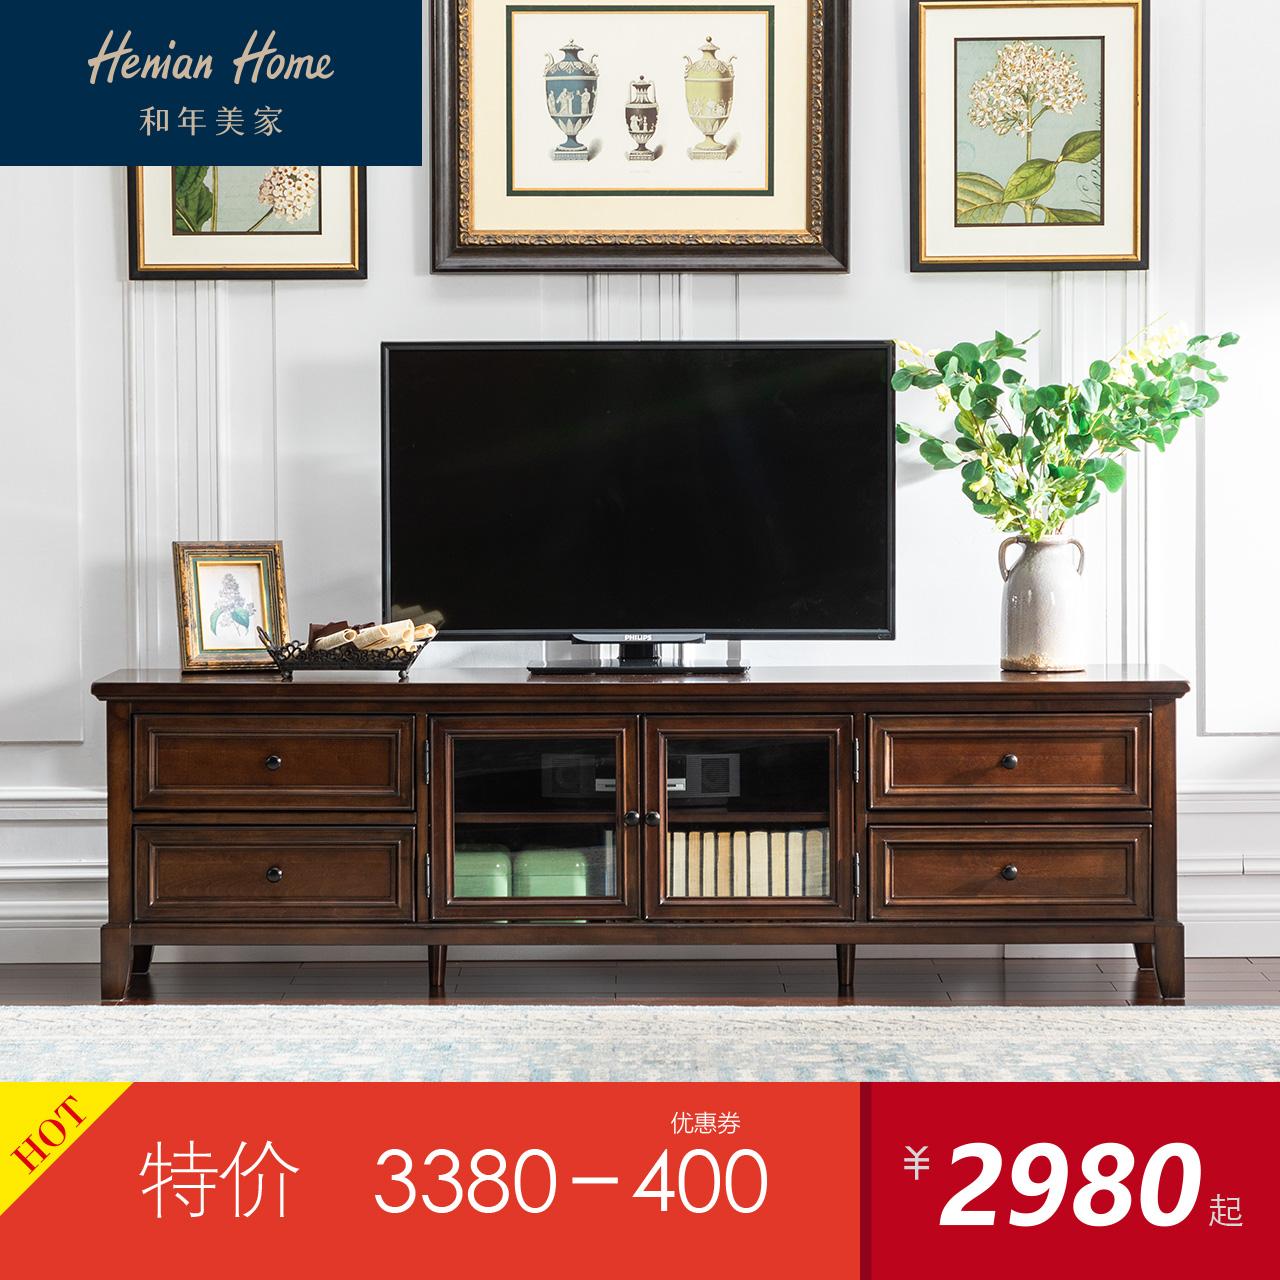 和年美家美式實木茶几電視櫃組合簡約小戶型客廳傢俱電視背景地櫃